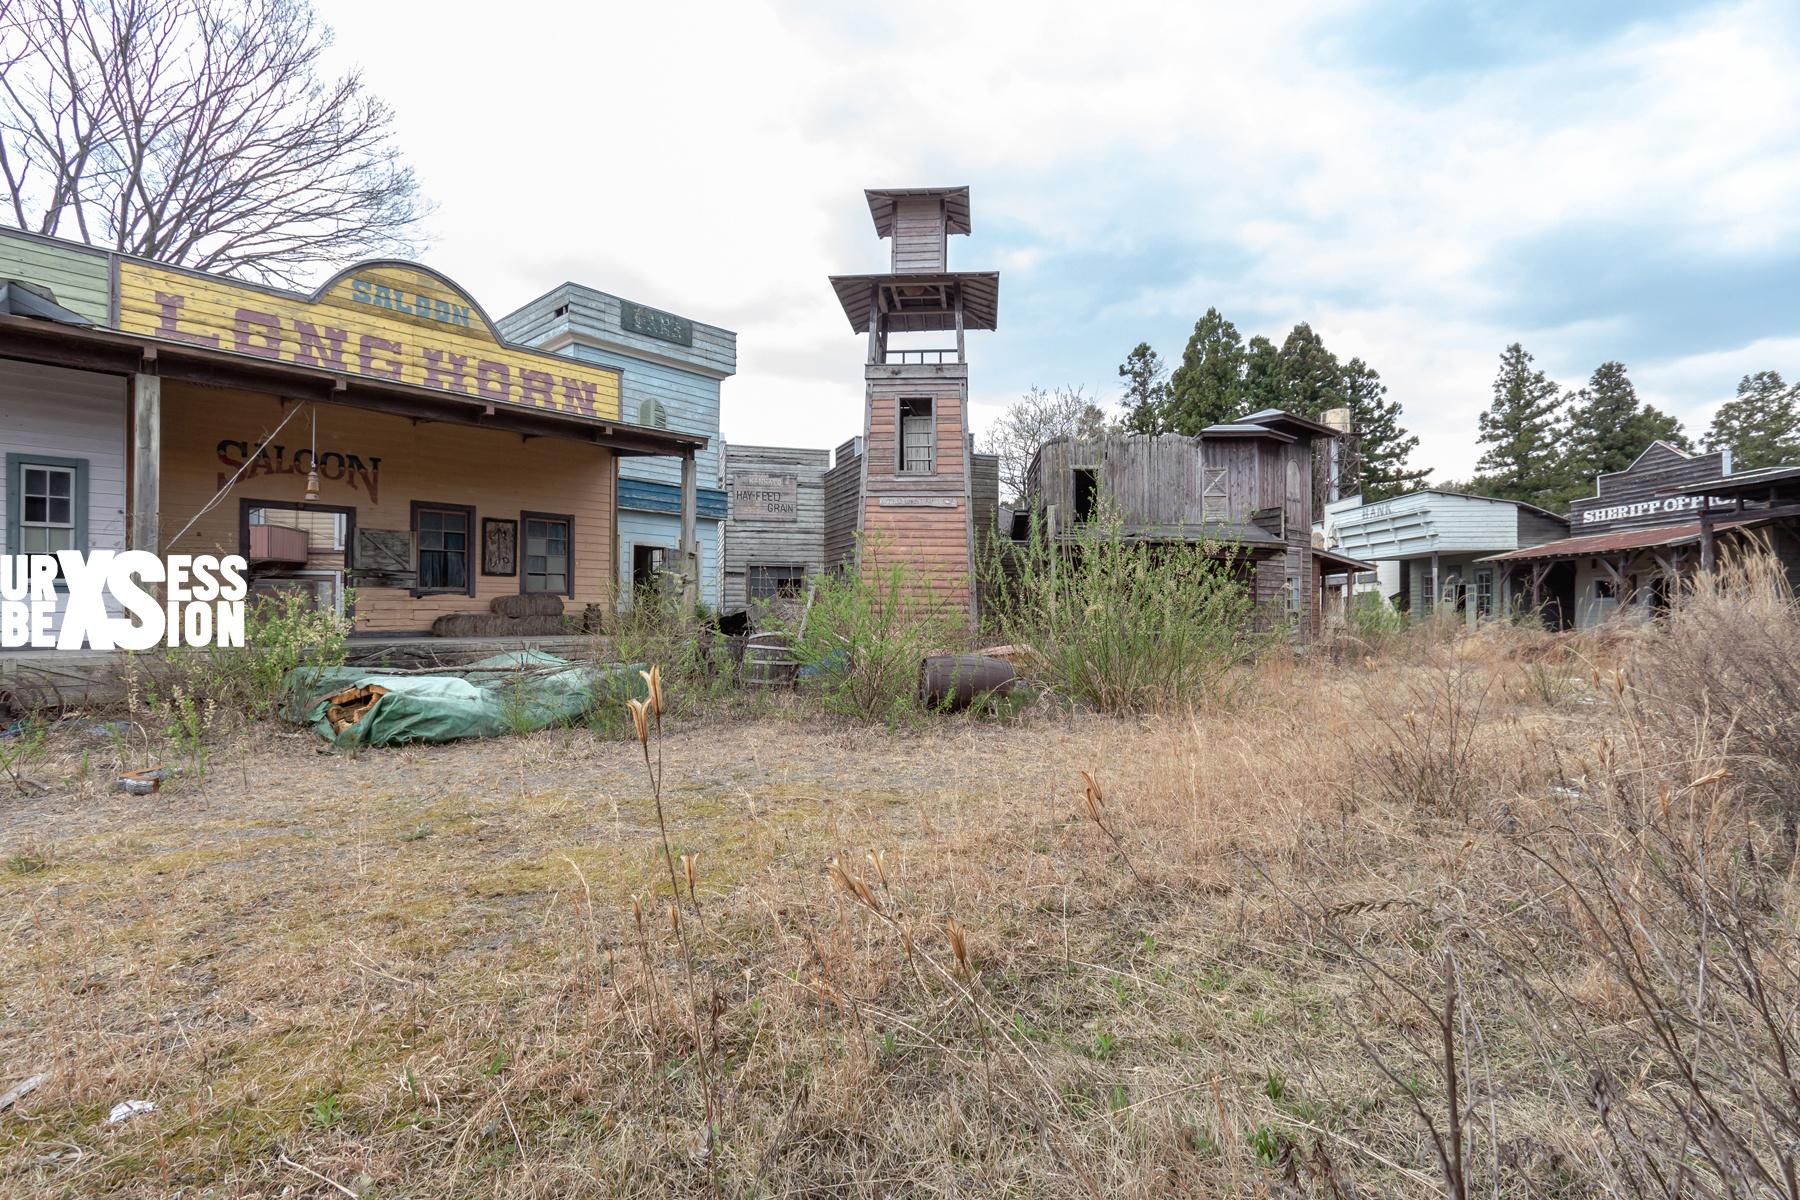 western-village-parc-japon-198